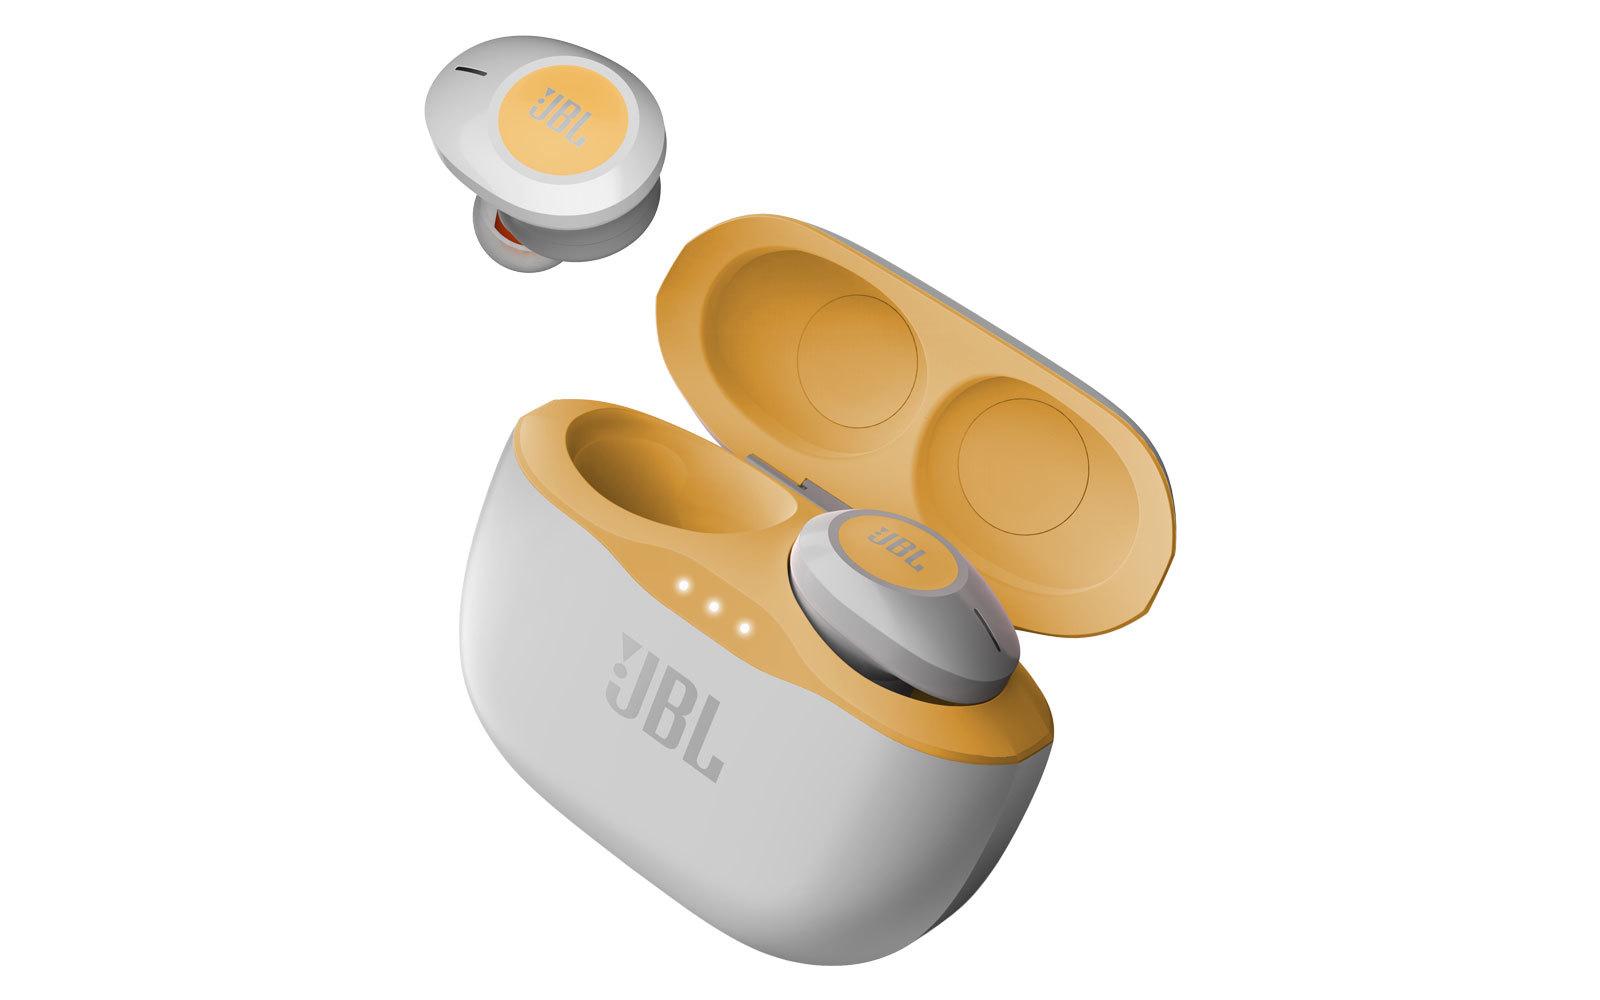 Fones wireless da JBL